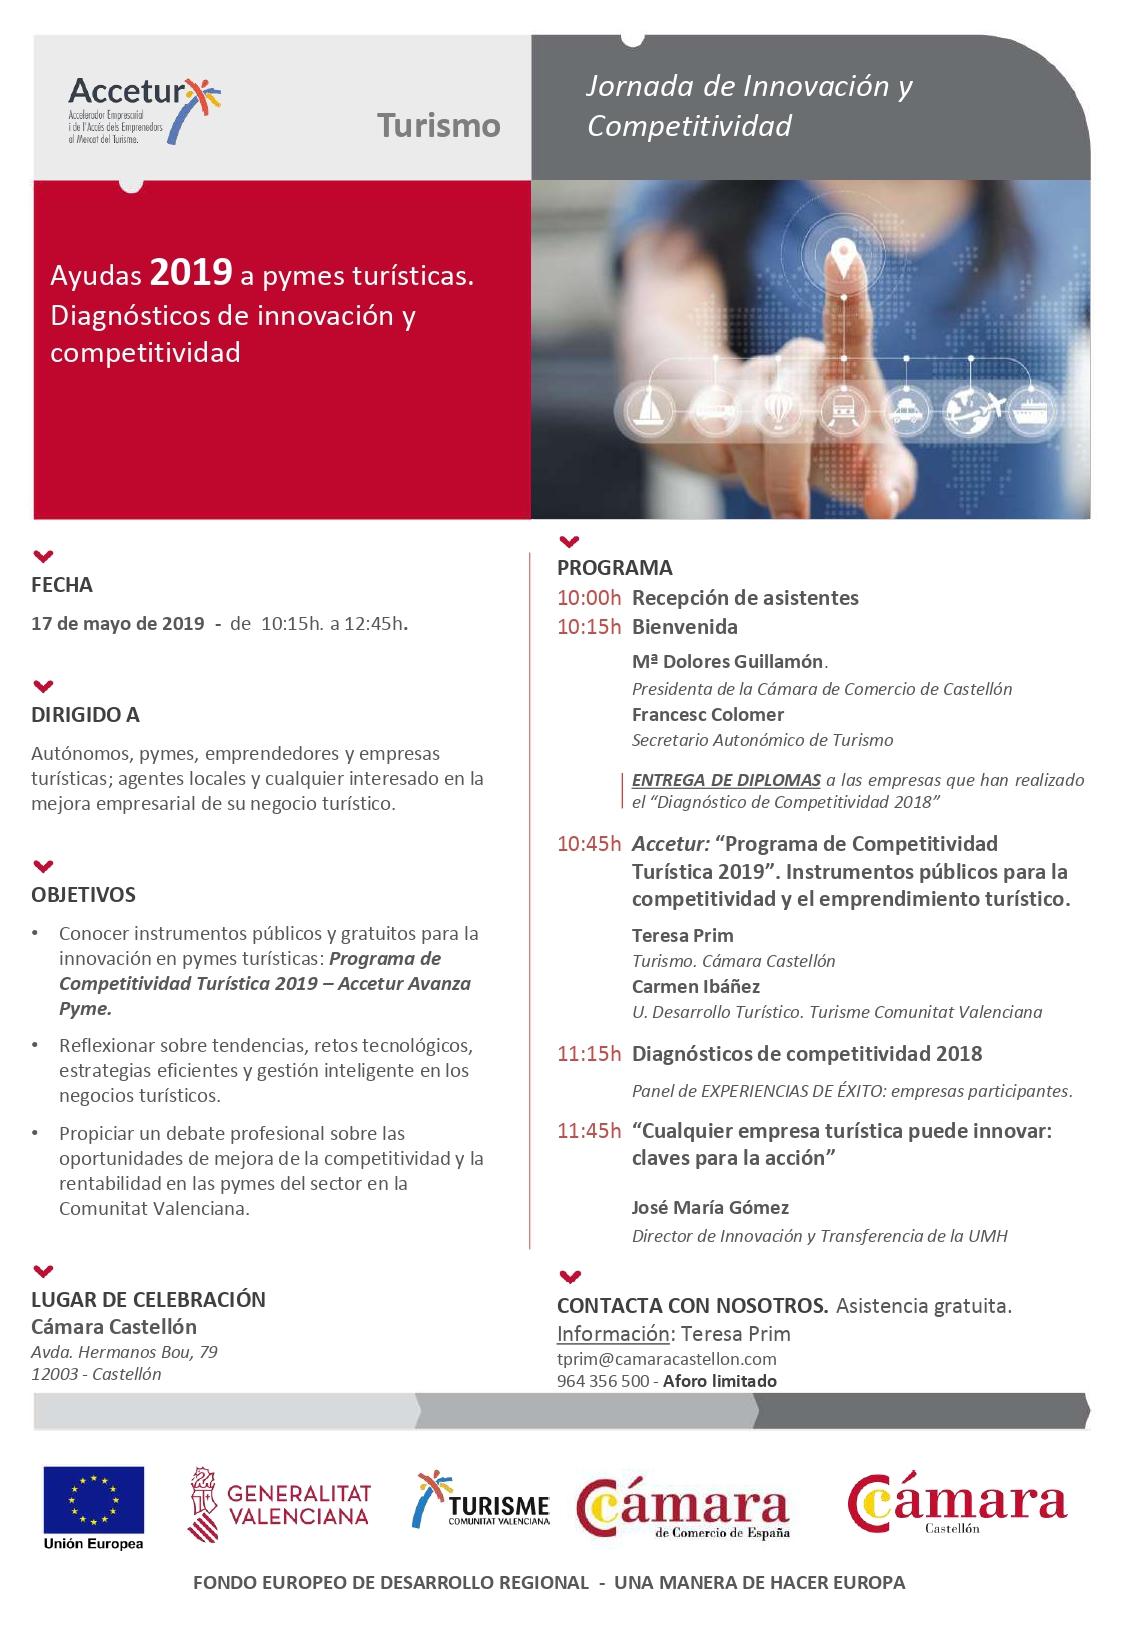 Programa Jornadas de Competitividad Accetur 2019 en Castellón. Versión en Castellano